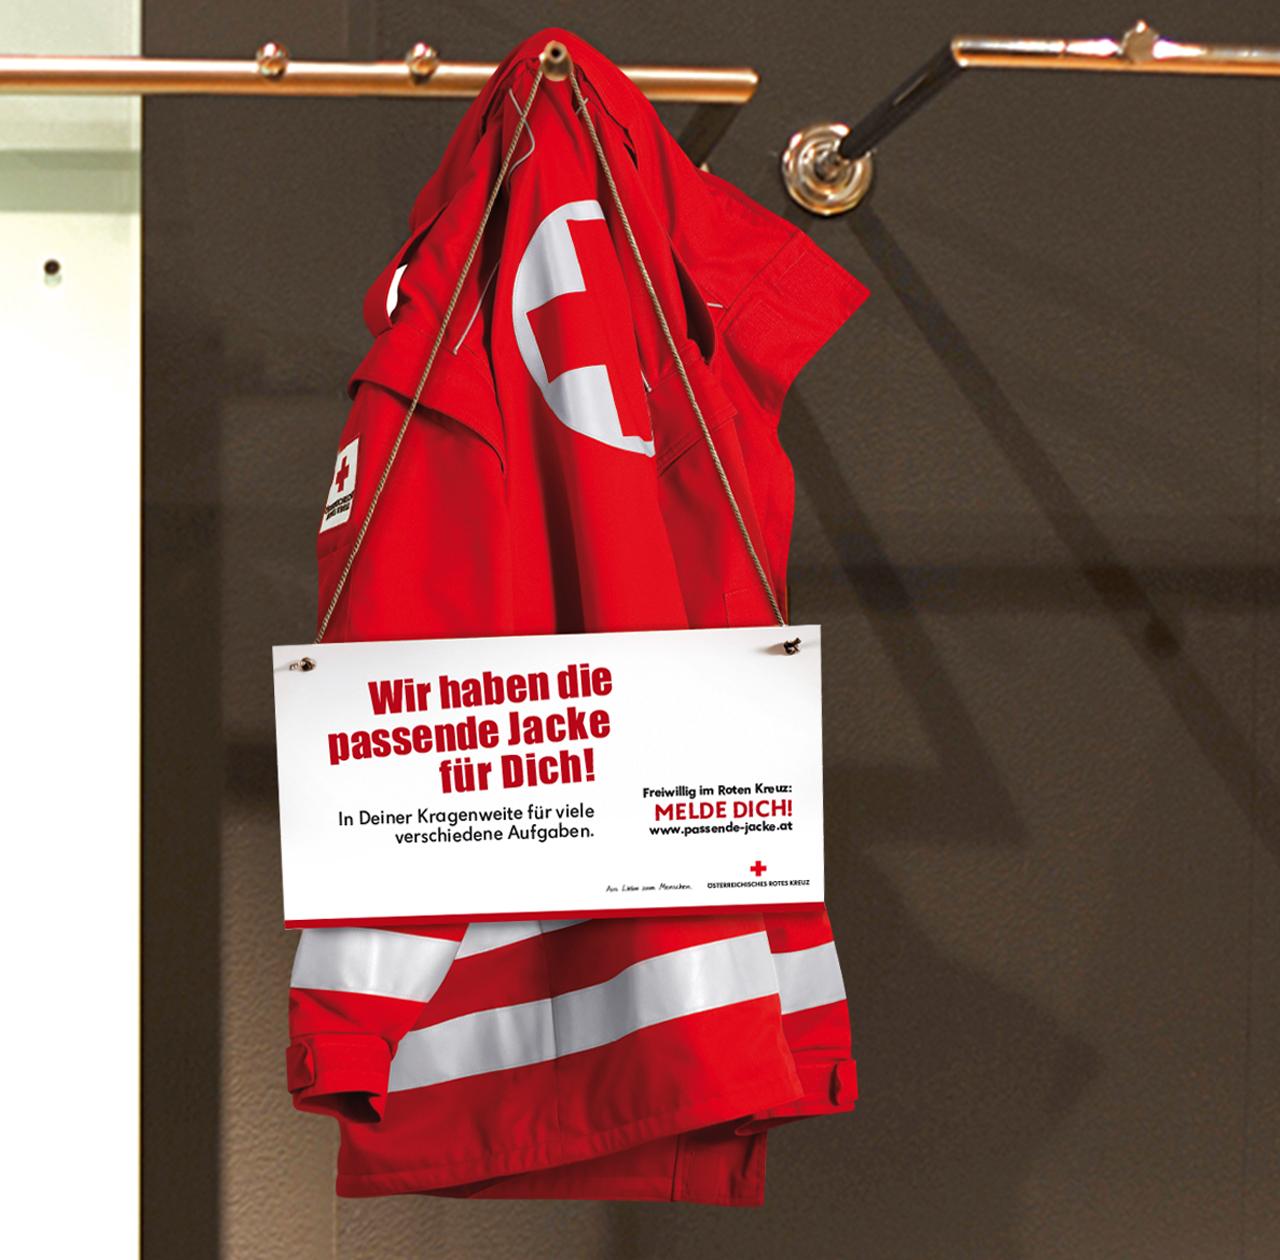 upart Referenz für das Österreichische Rote Kreuz - Kampagne